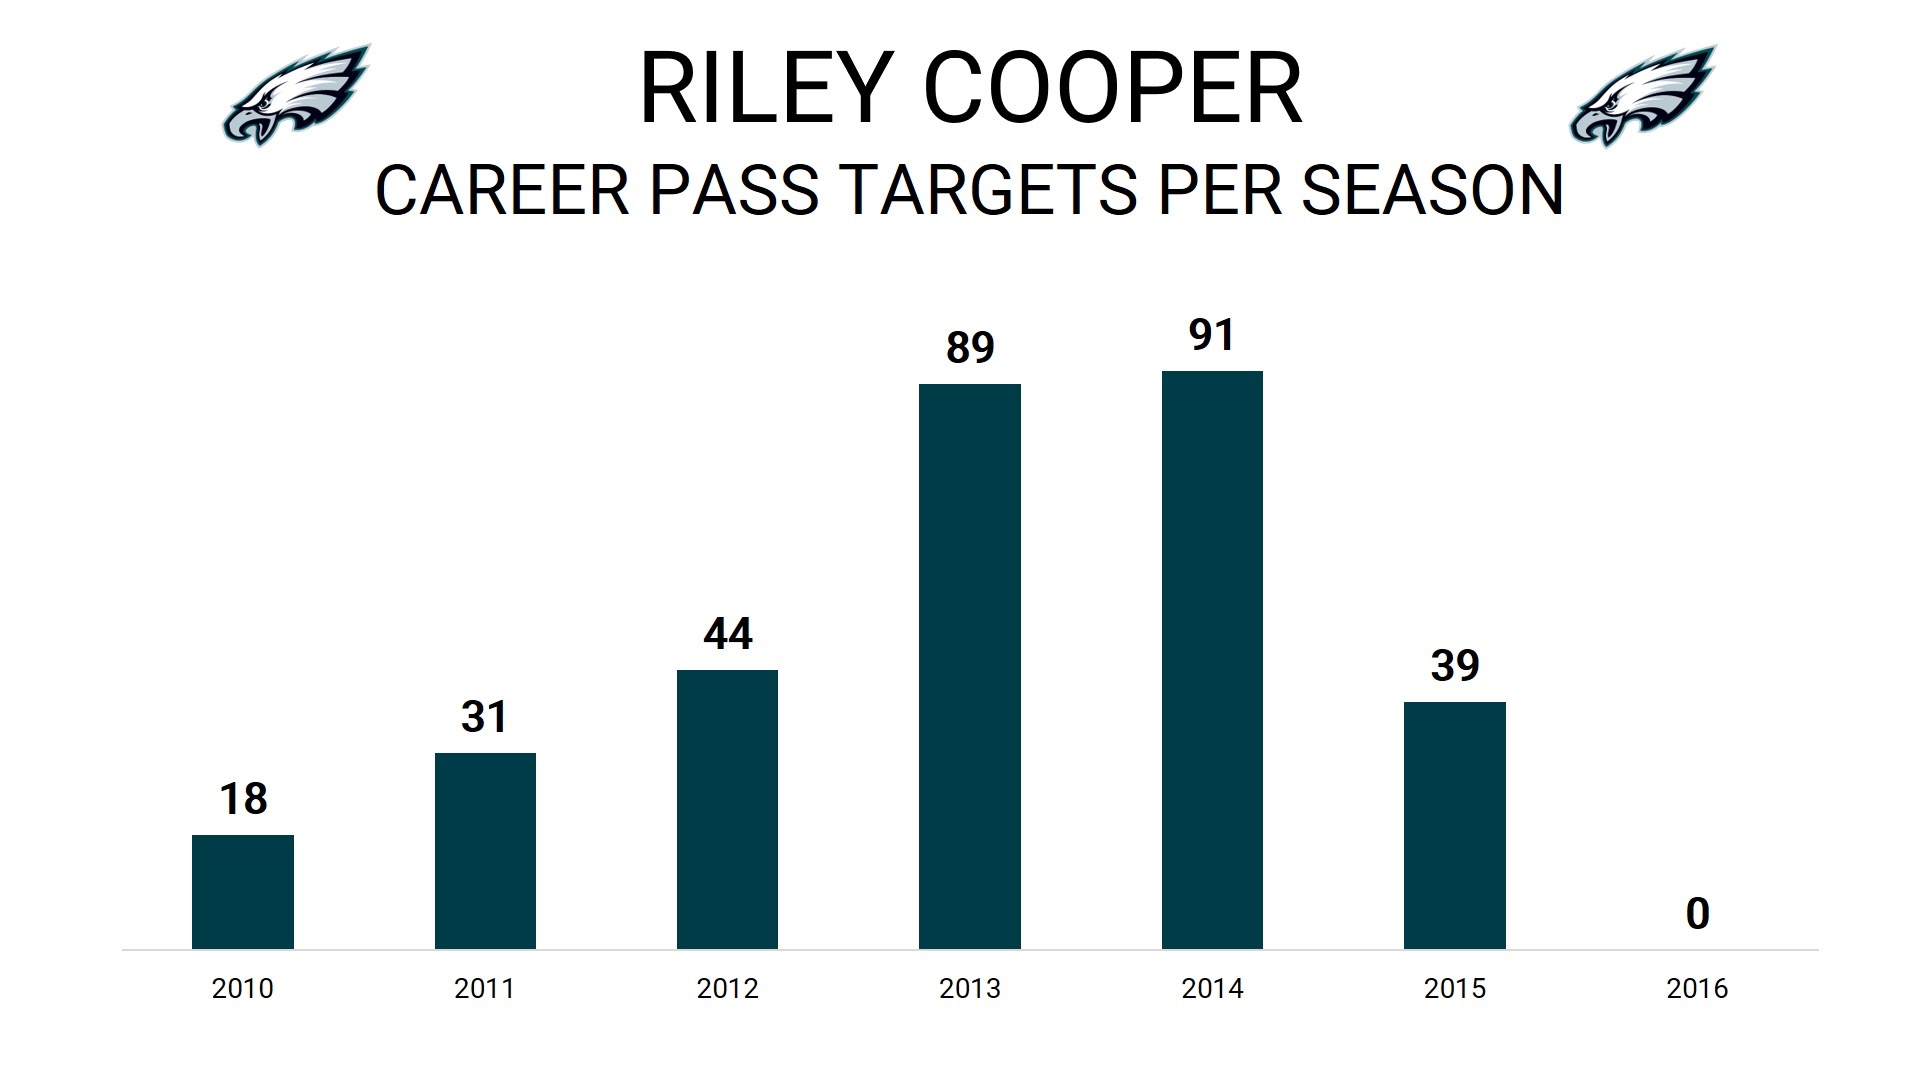 WR Riley Cooper